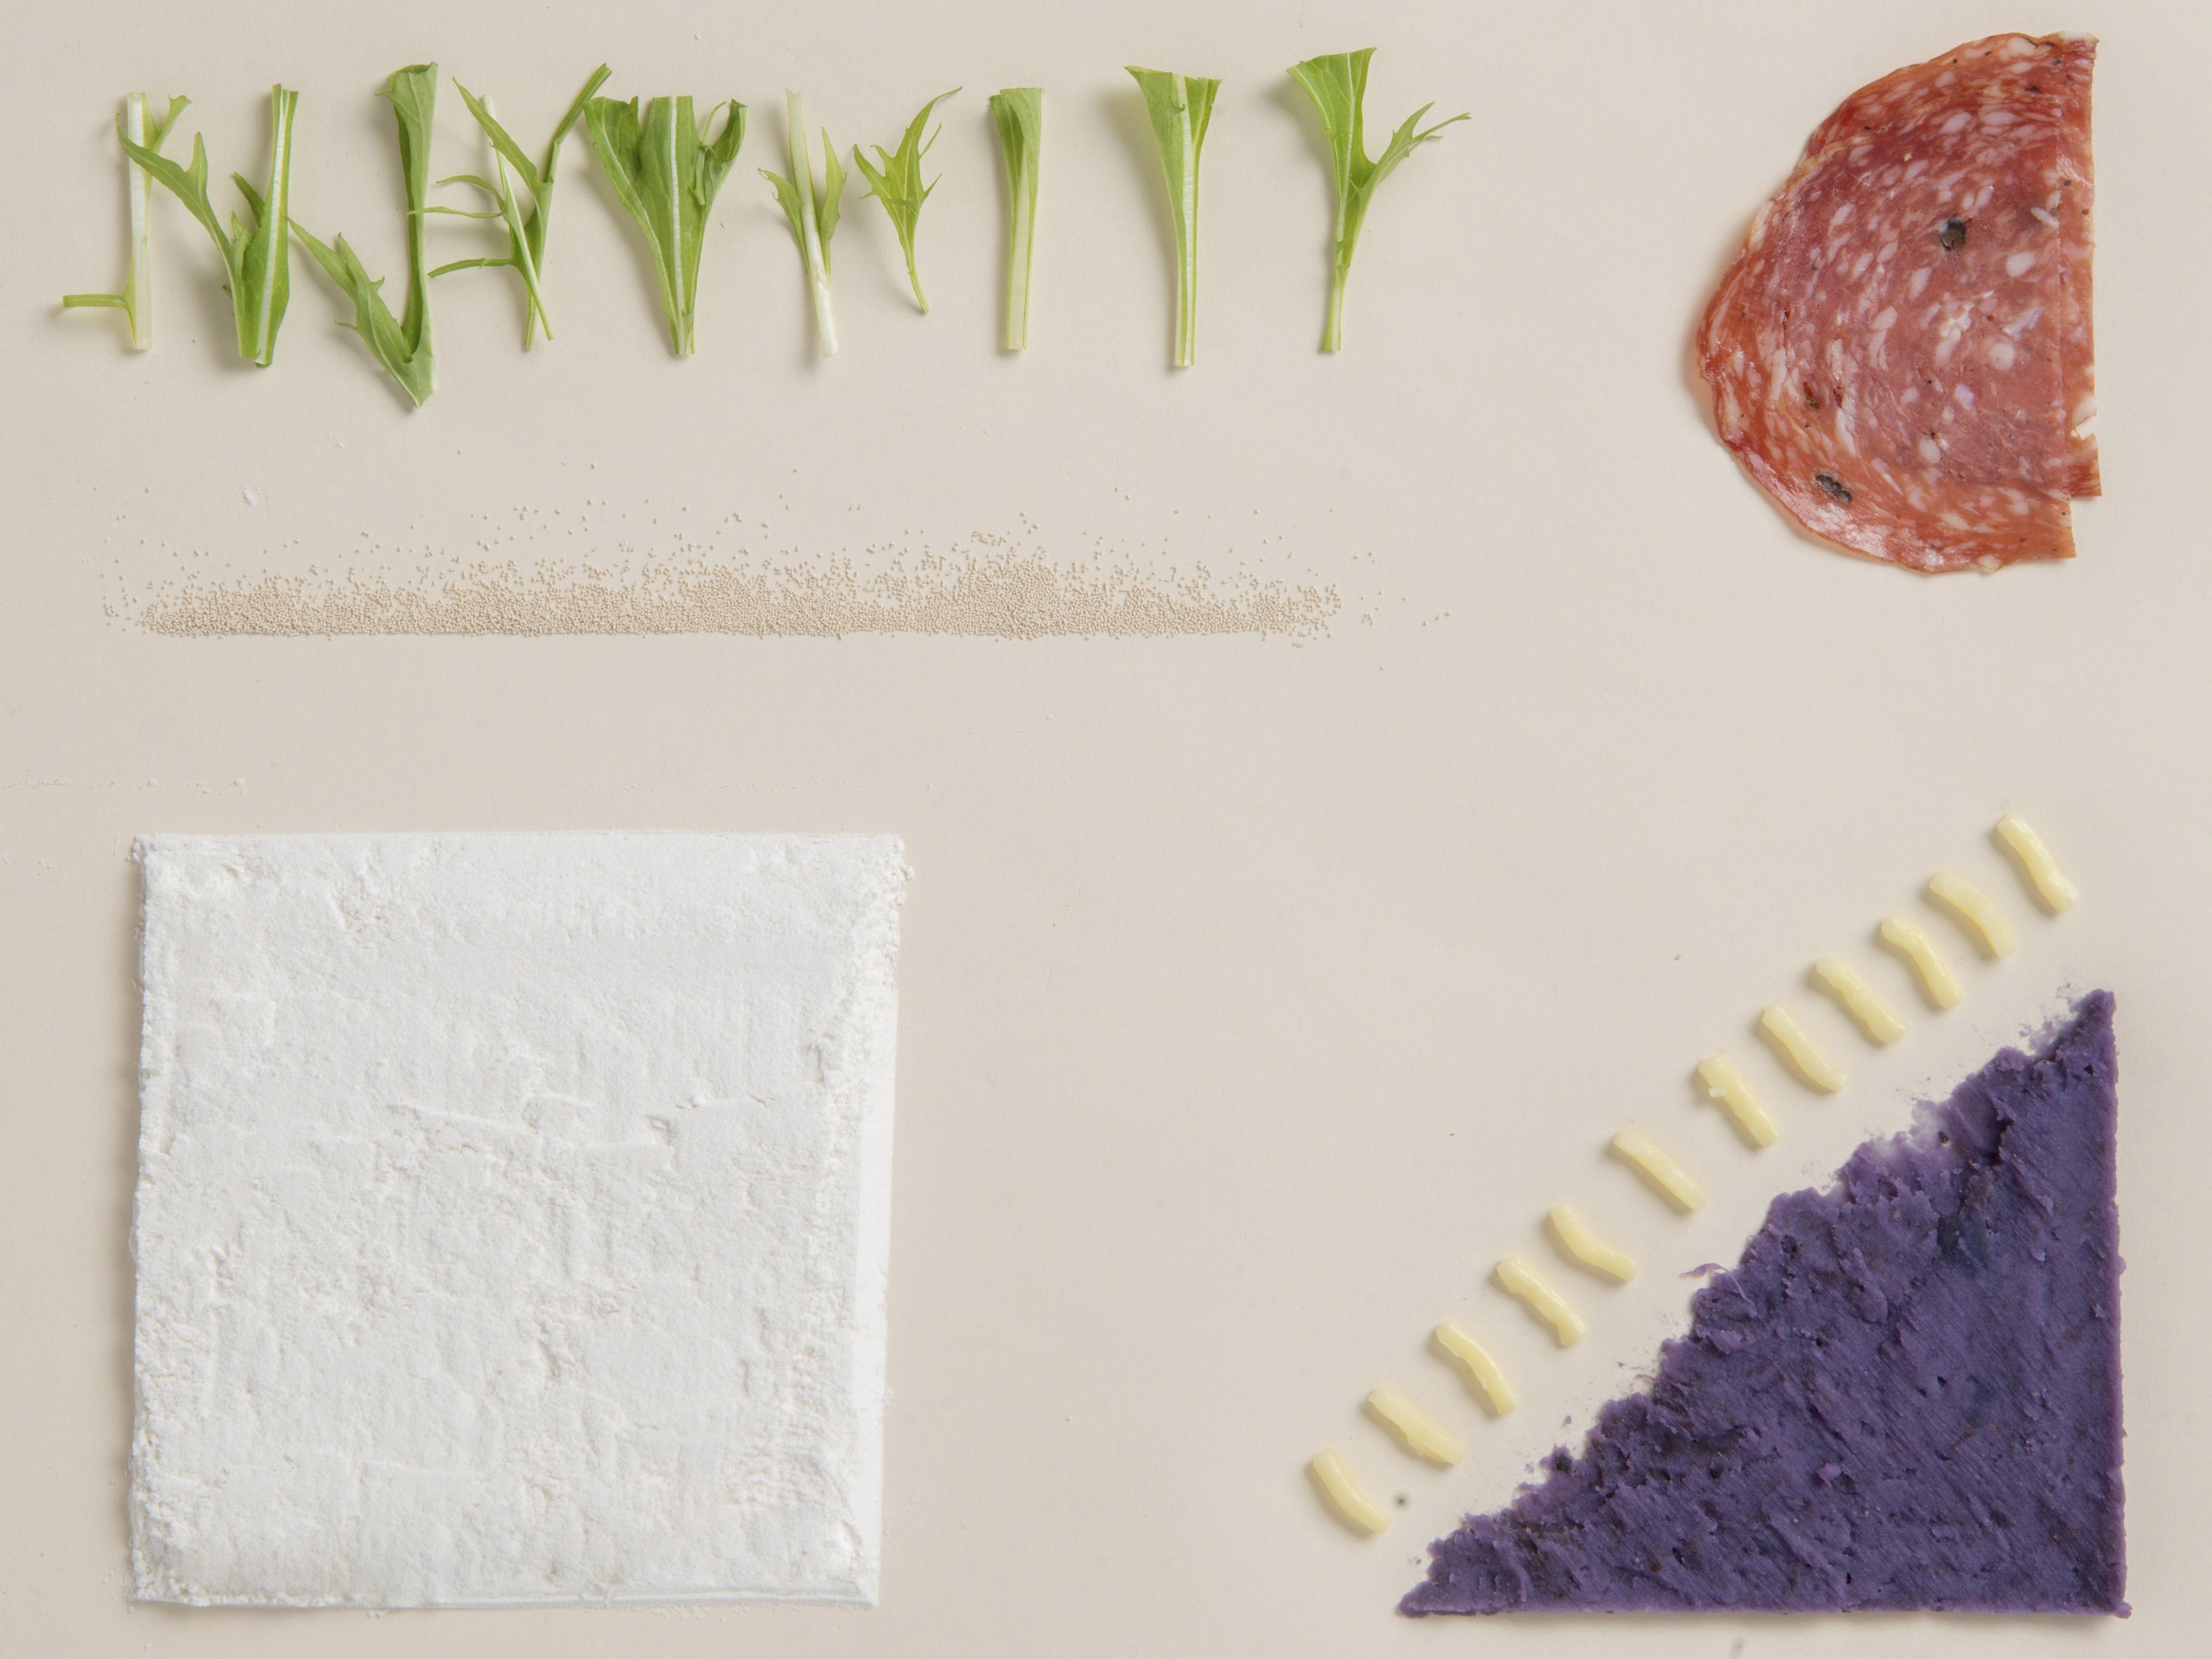 辣肉腸、紫薯、日本水菜和麵粉等材料結合,可以做出什麼?答案是結合意日風格的紫薯Pizza。